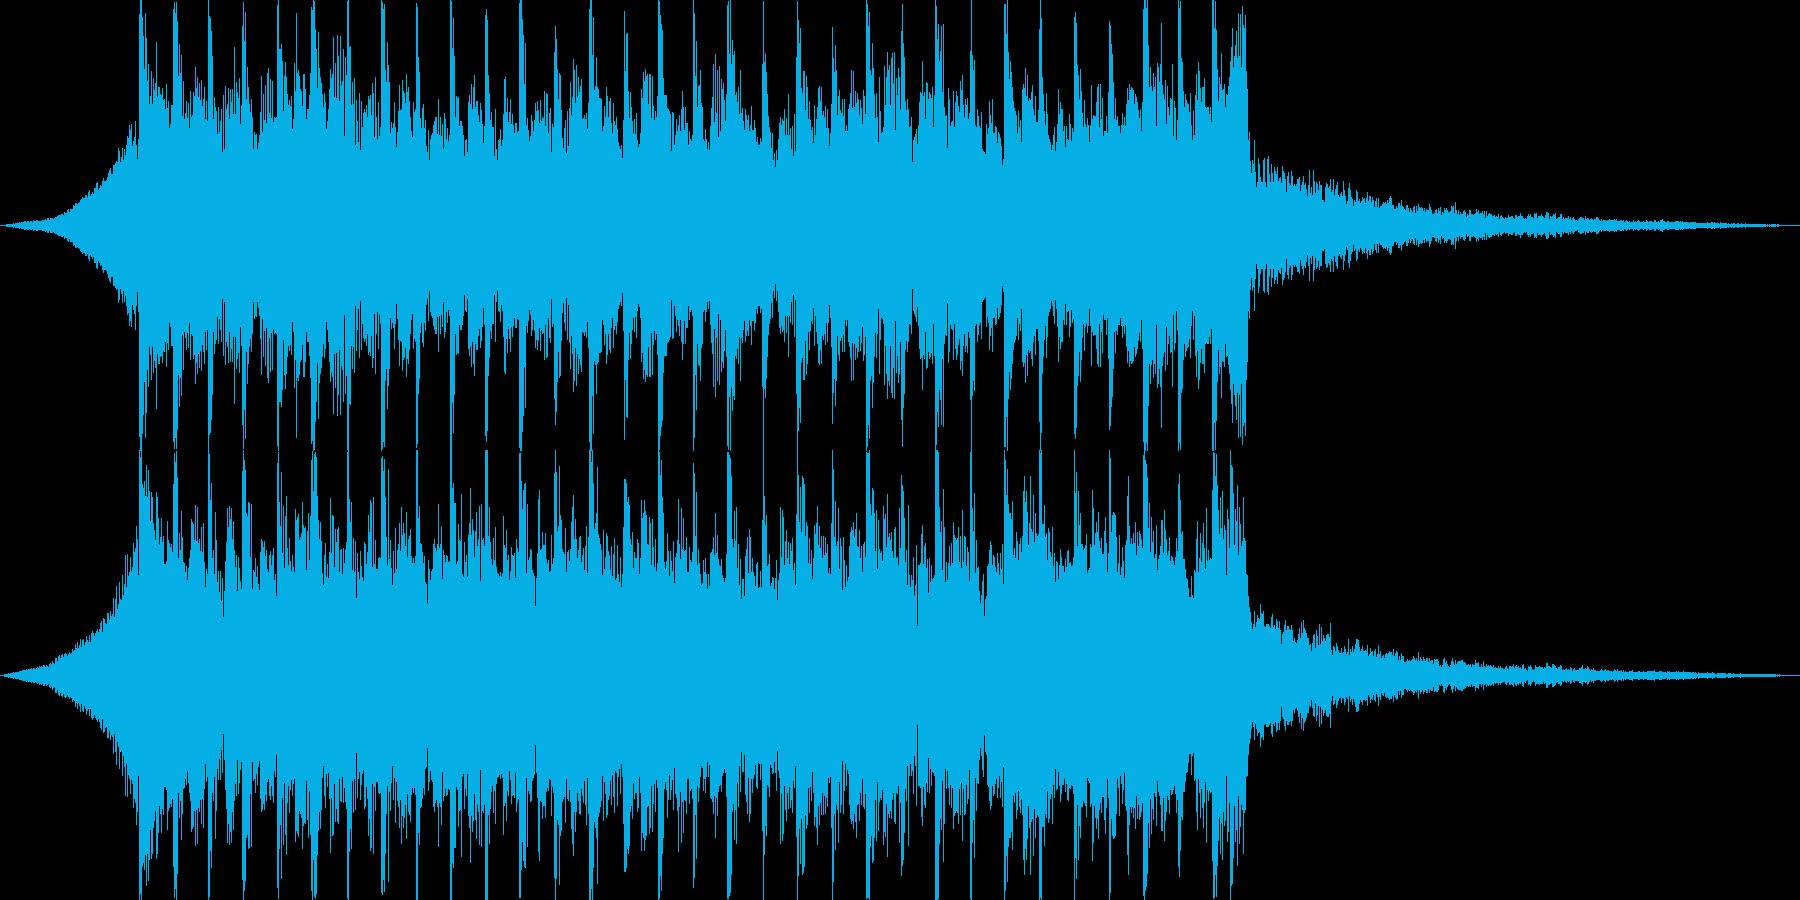 企業VPや映像、華やかオーケストラ15秒の再生済みの波形